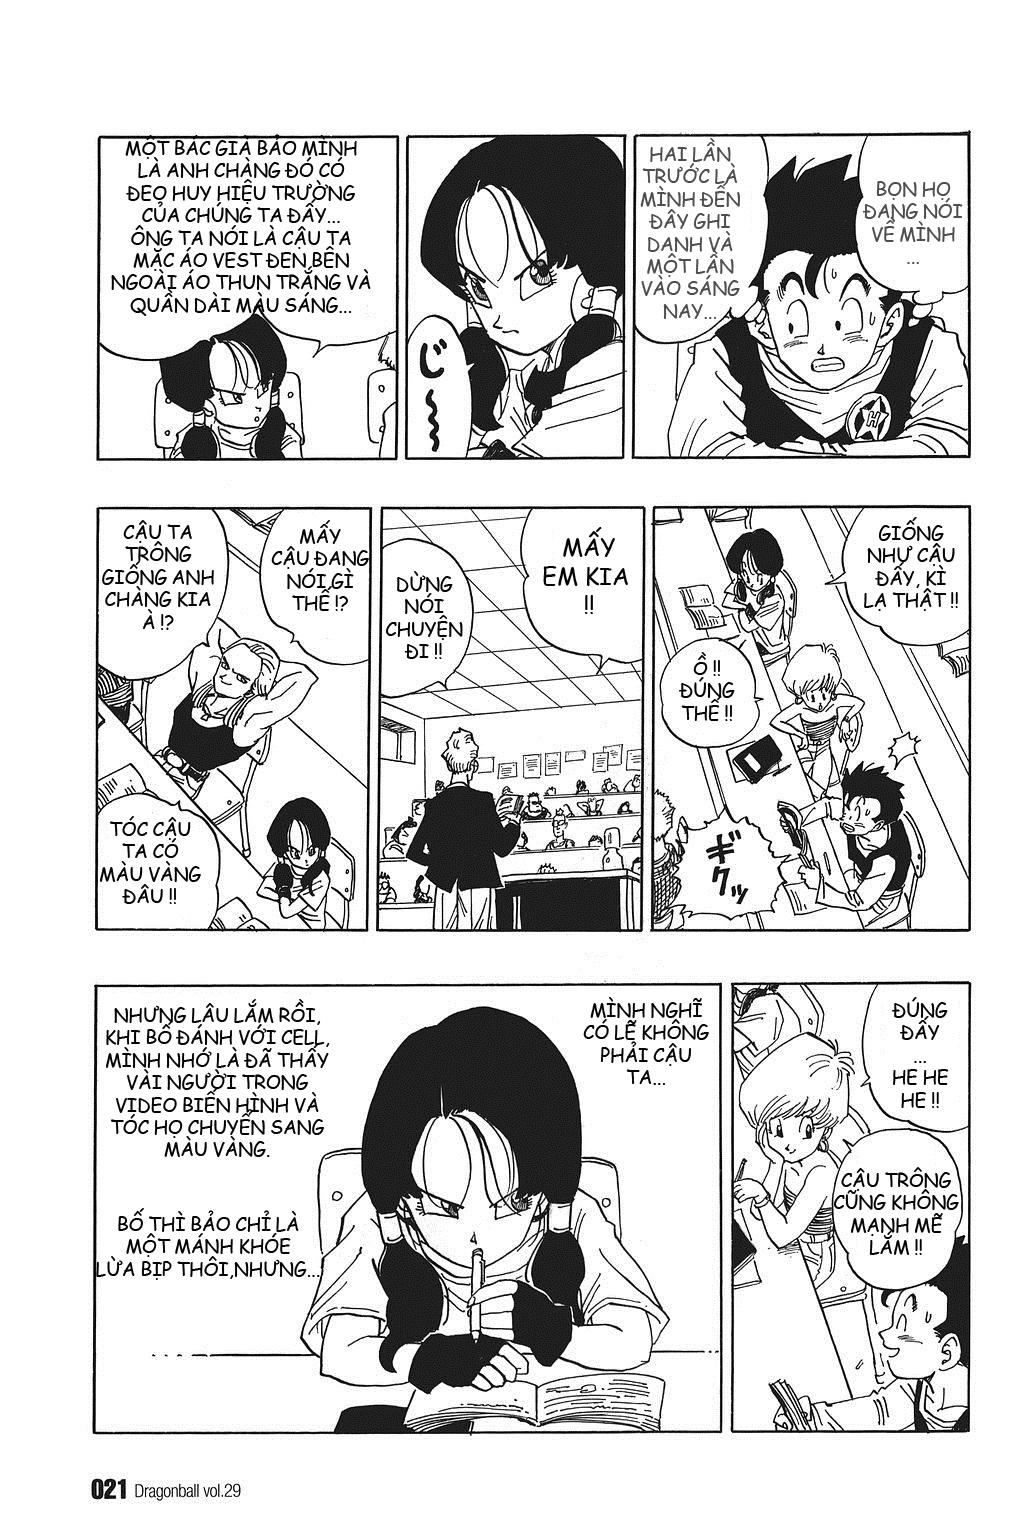 xem truyen moi - Dragon Ball Bản Vip - Bản Đẹp Nguyên Gốc Chap 422